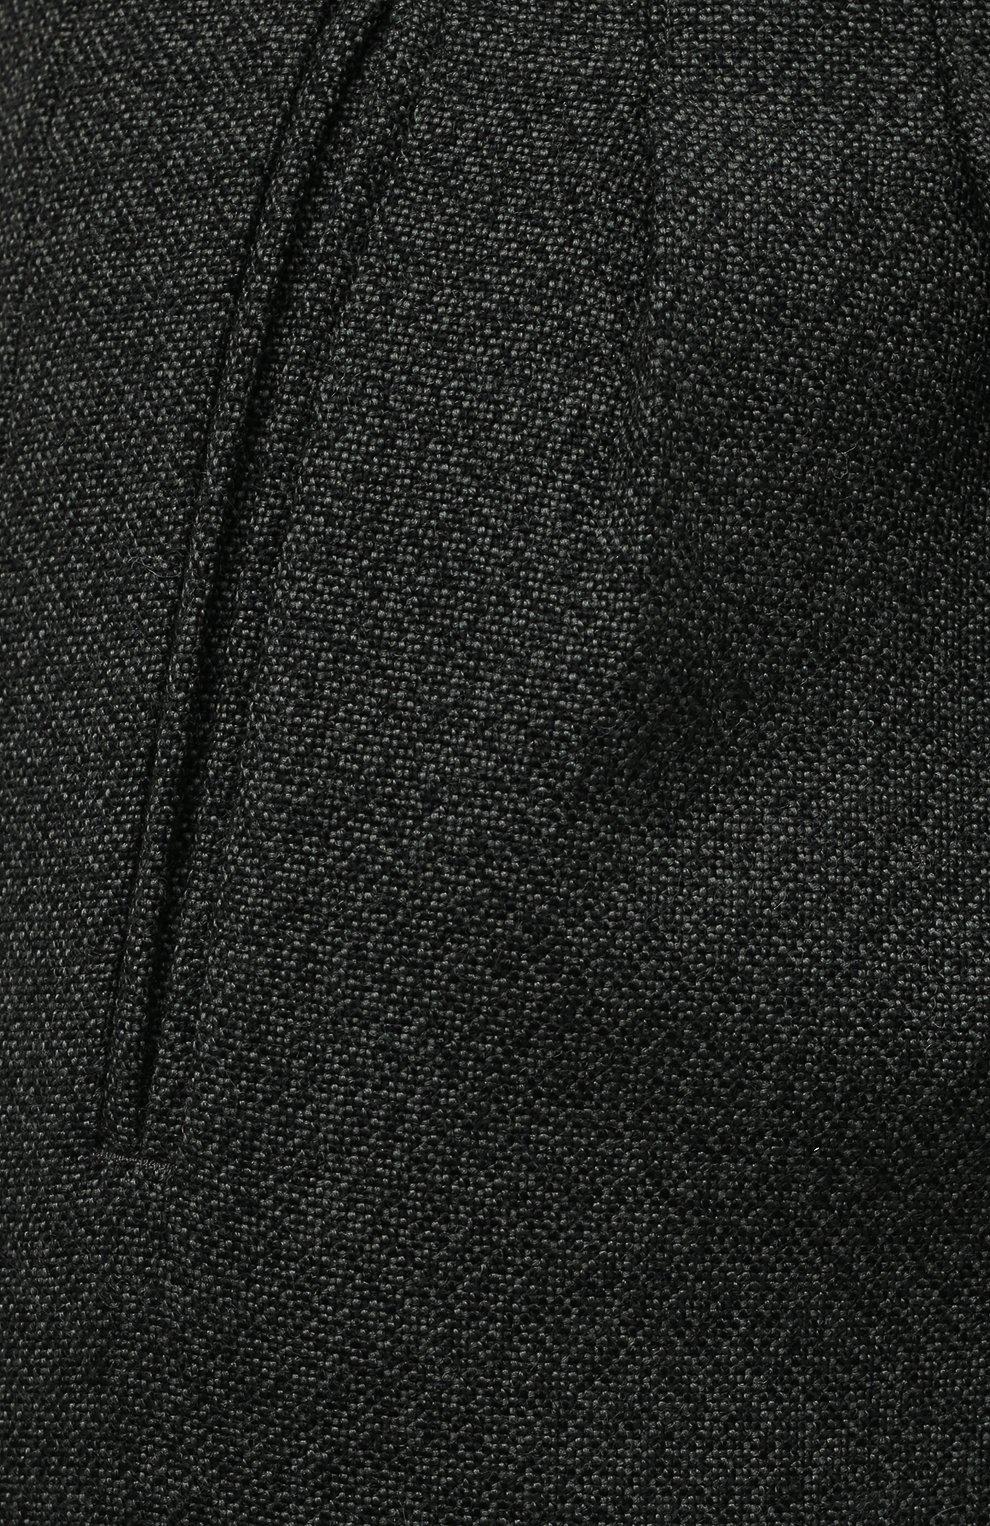 Женские шерстяные шорты MAISON MARGIELA темно-зеленого цвета, арт. S29MU0068/S53407 | Фото 5 (Женское Кросс-КТ: Шорты-одежда; Материал внешний: Шерсть; Длина Ж (юбки, платья, шорты): Мини; Кросс-КТ: Широкие; Стили: Кэжуэл)